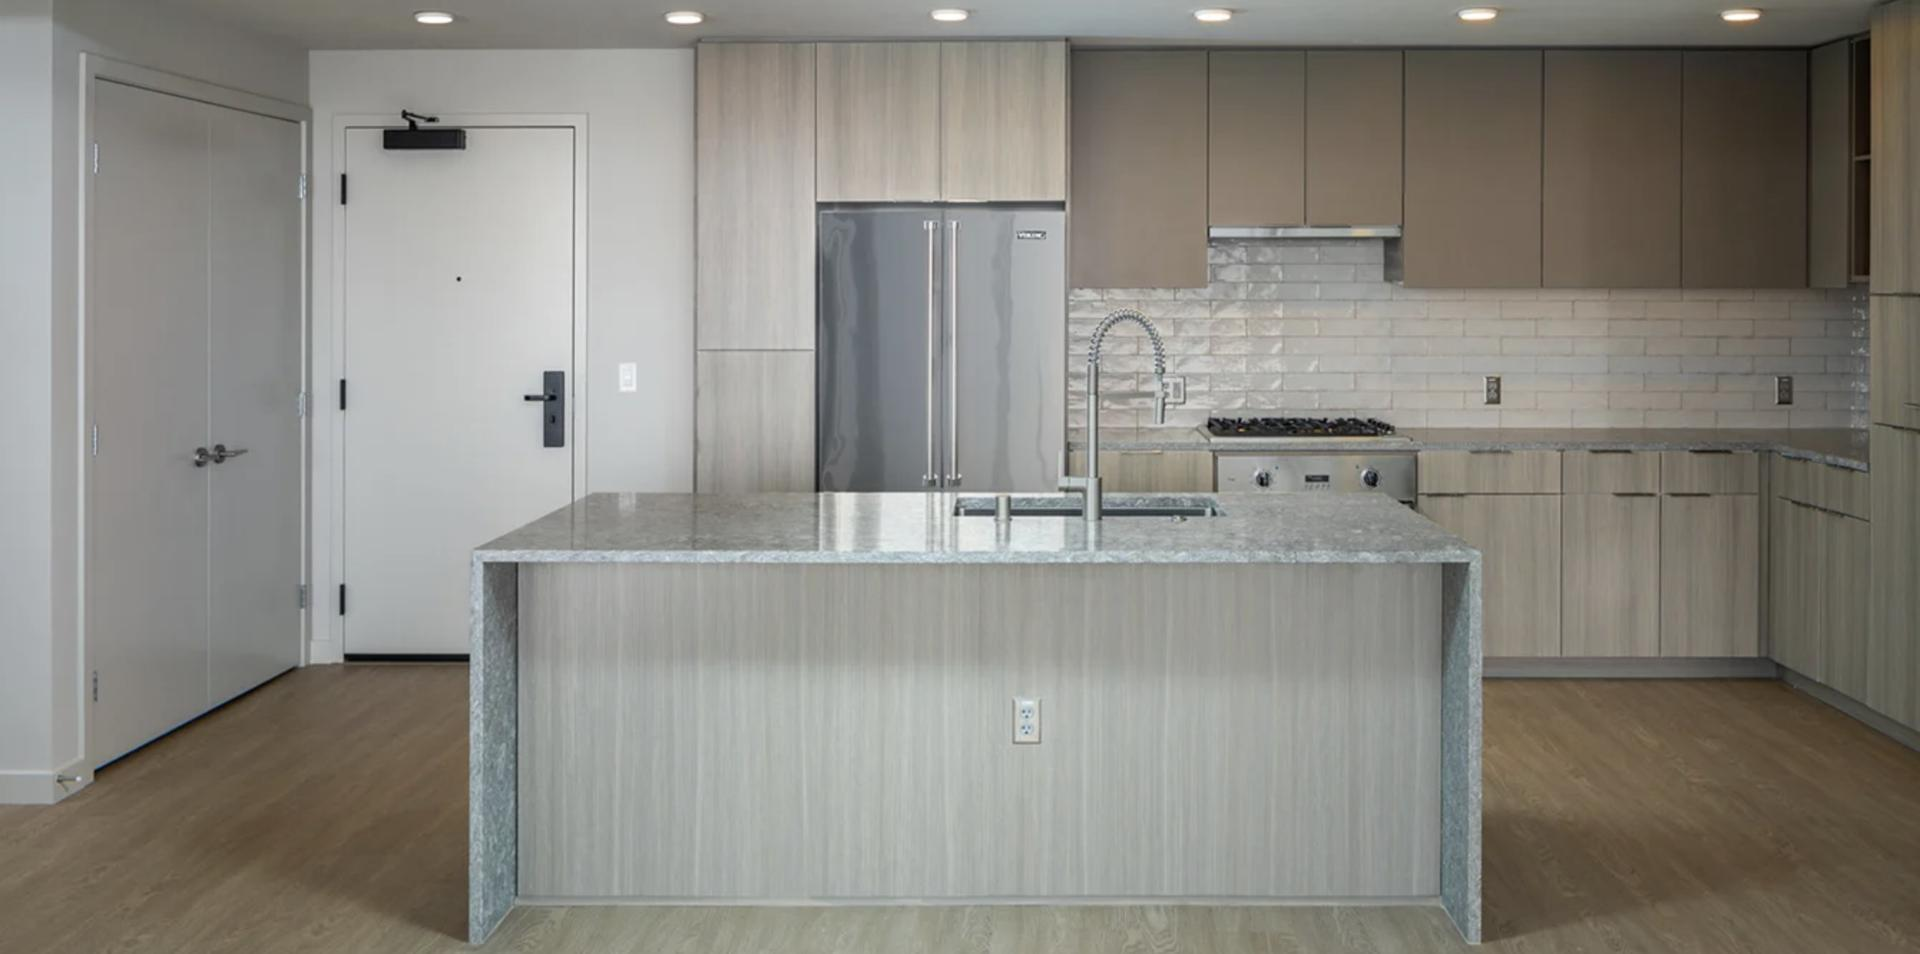 601 11th Avenue #212, San Diego, CA - $4,605 USD/ month